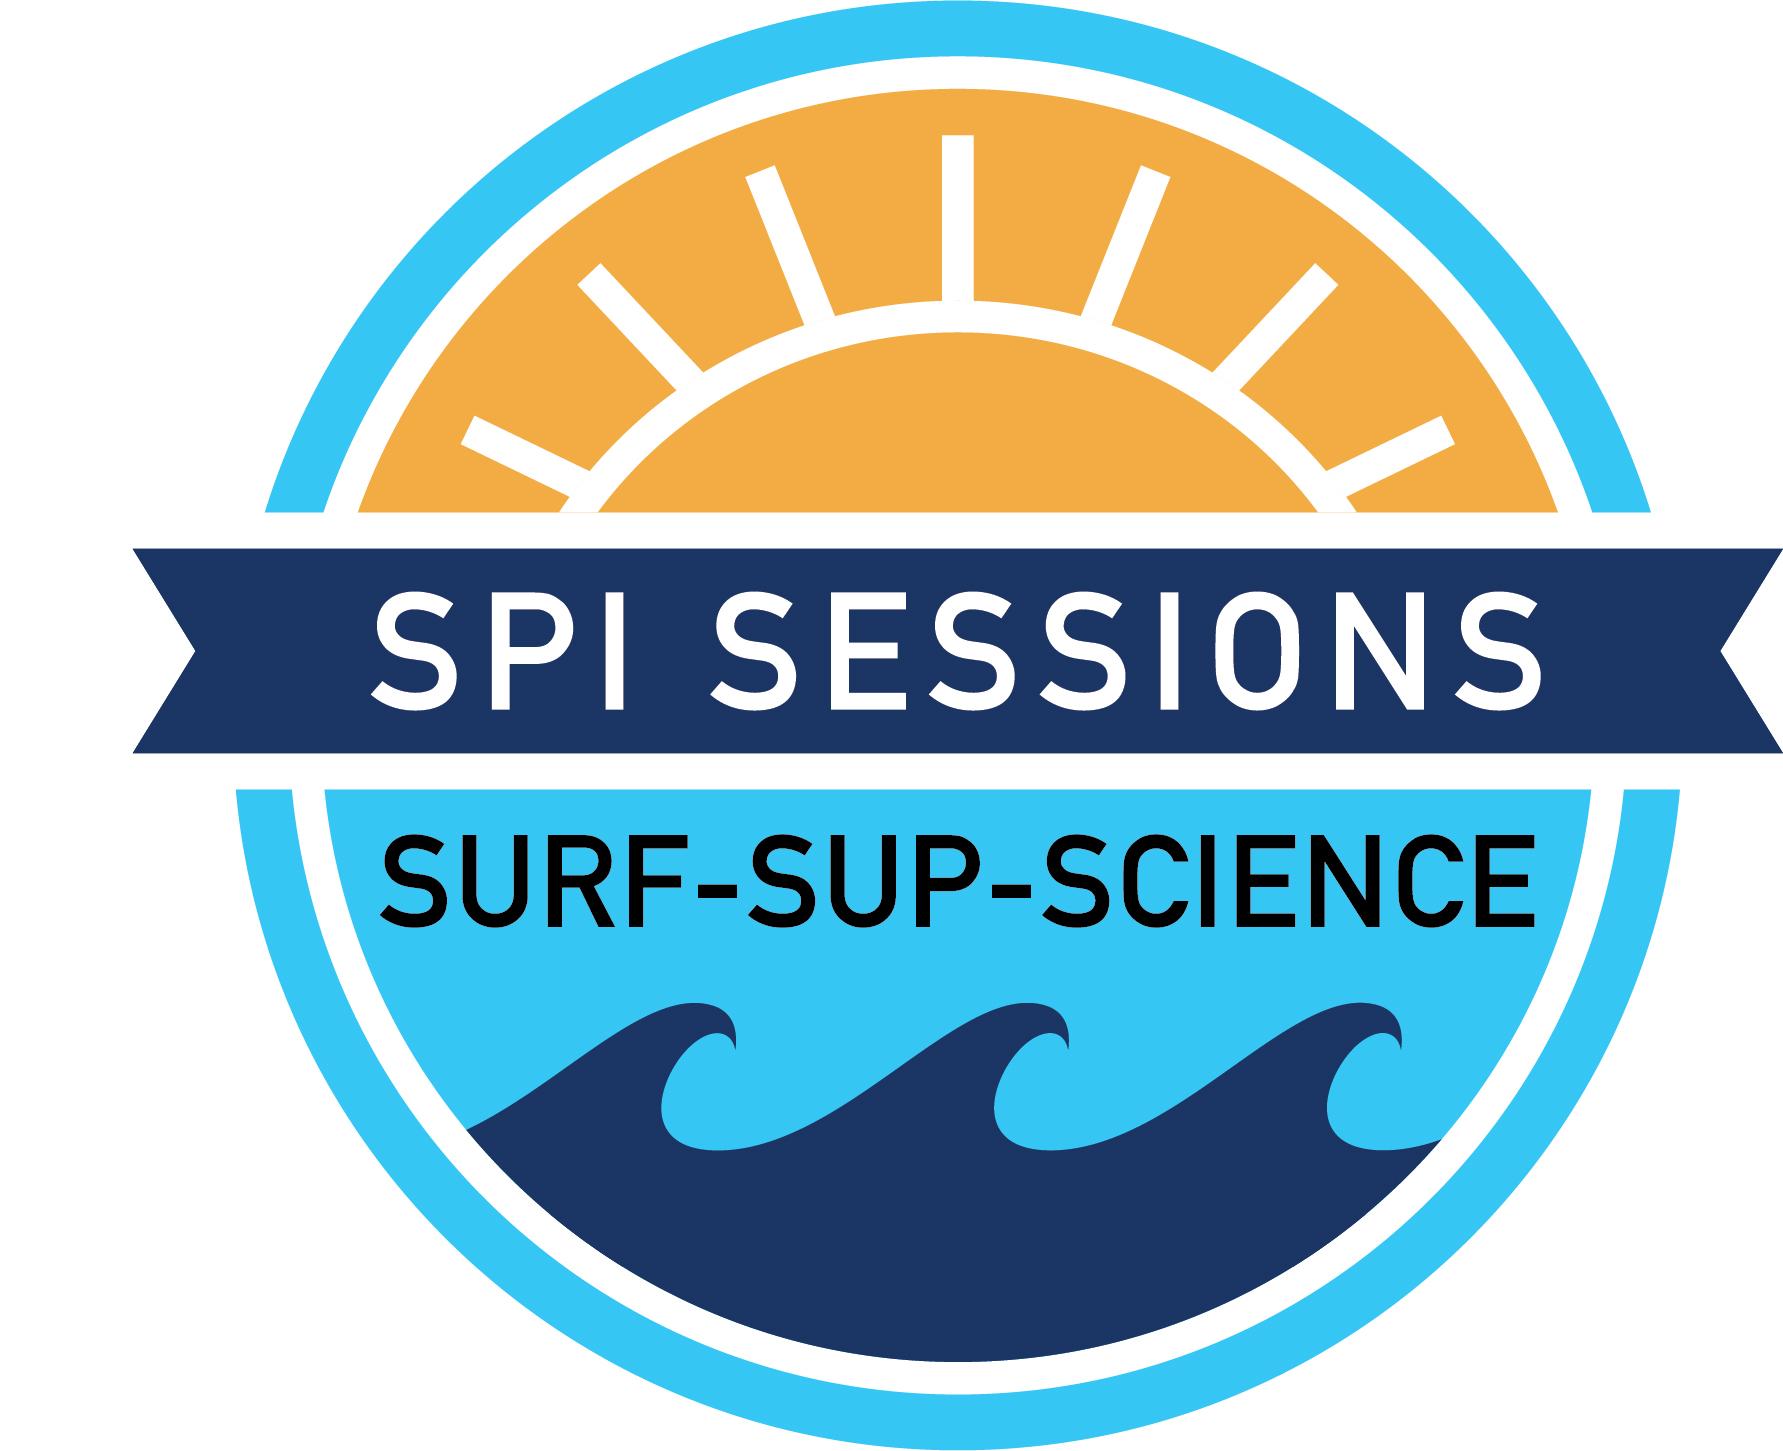 SPI Sessions